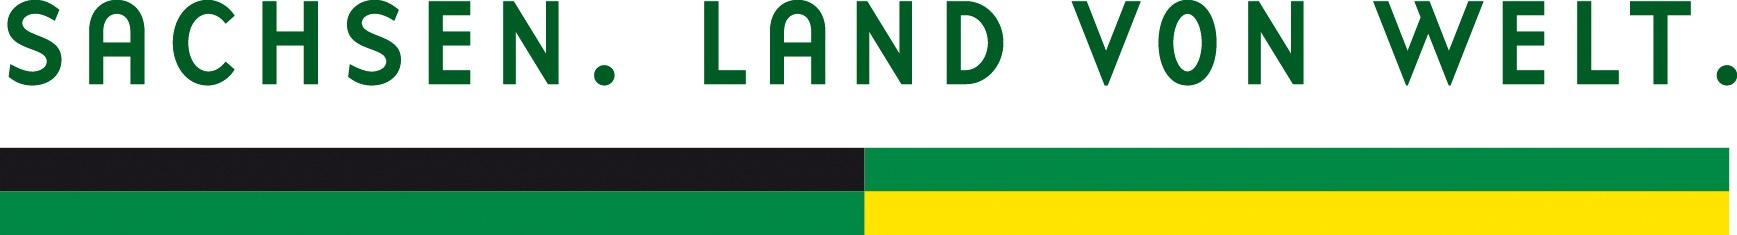 Logo Sachsen. Land von Welt.